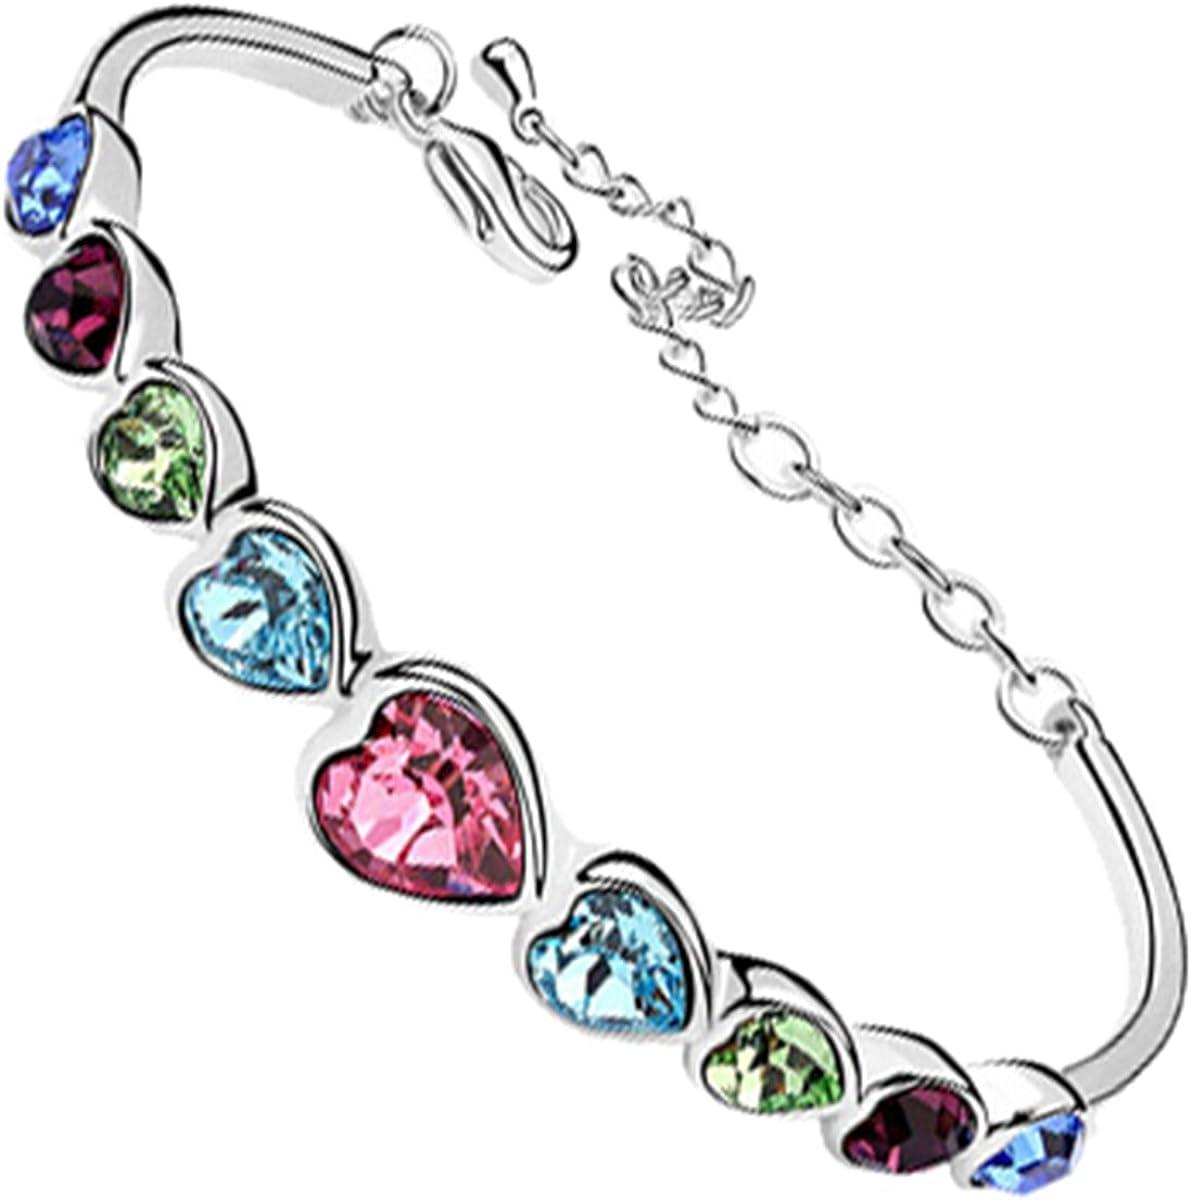 GWG Jewellery Pulseras Mujer Regalo Pulsera Brazalete, Chapada en Plata de Ley Cadena Rígida de Corazones en Cristales Colorados de Diseño Amor para Mujeres